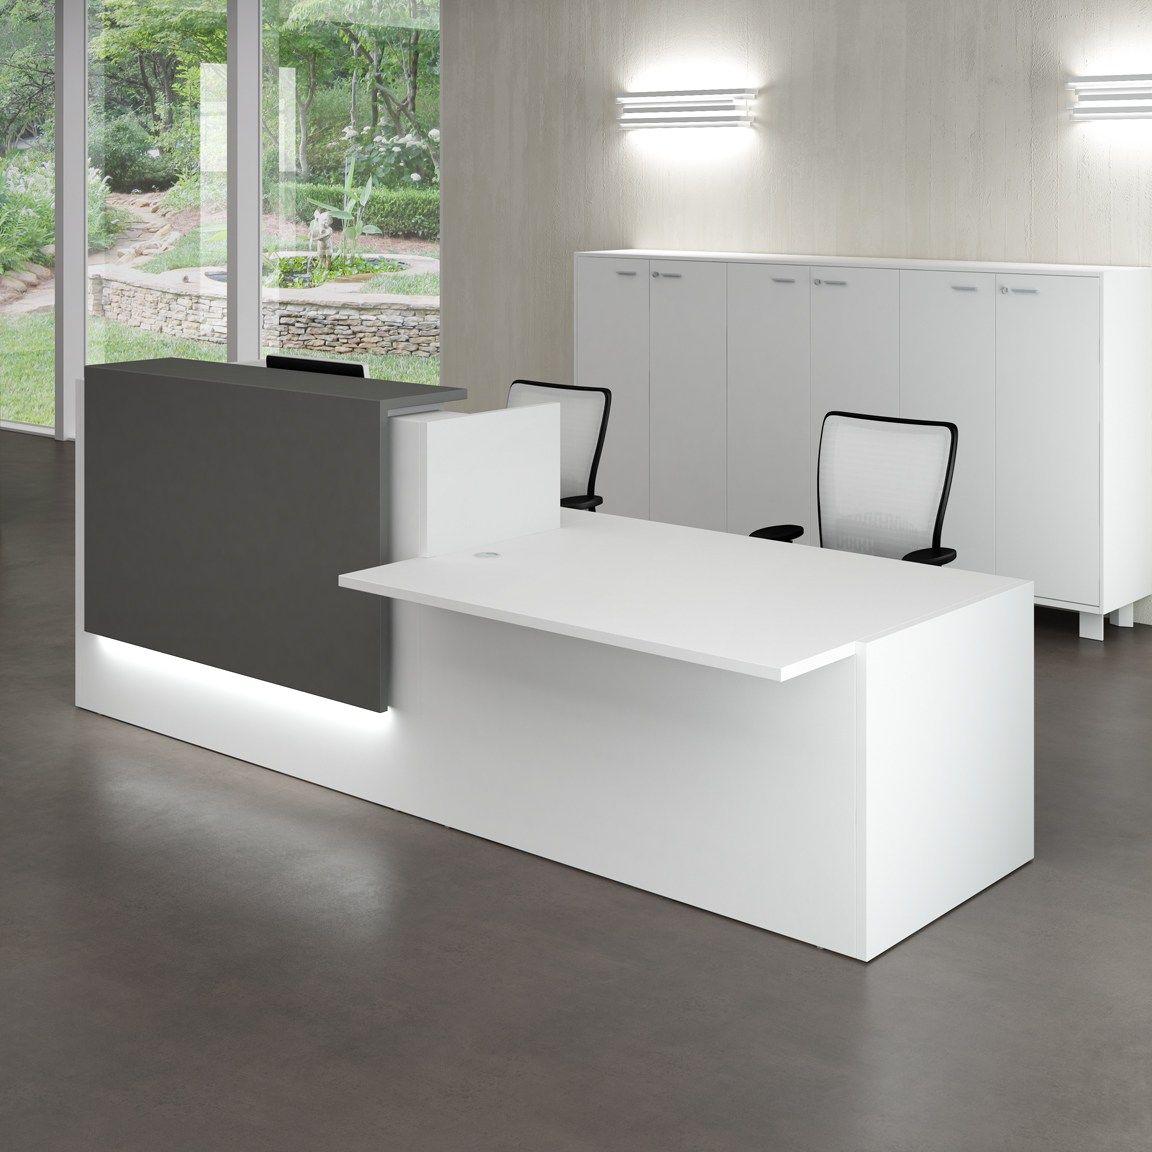 Mostrador para recepci n modular z2 quadrifoglio sistemi for Mobiliario modular para oficina